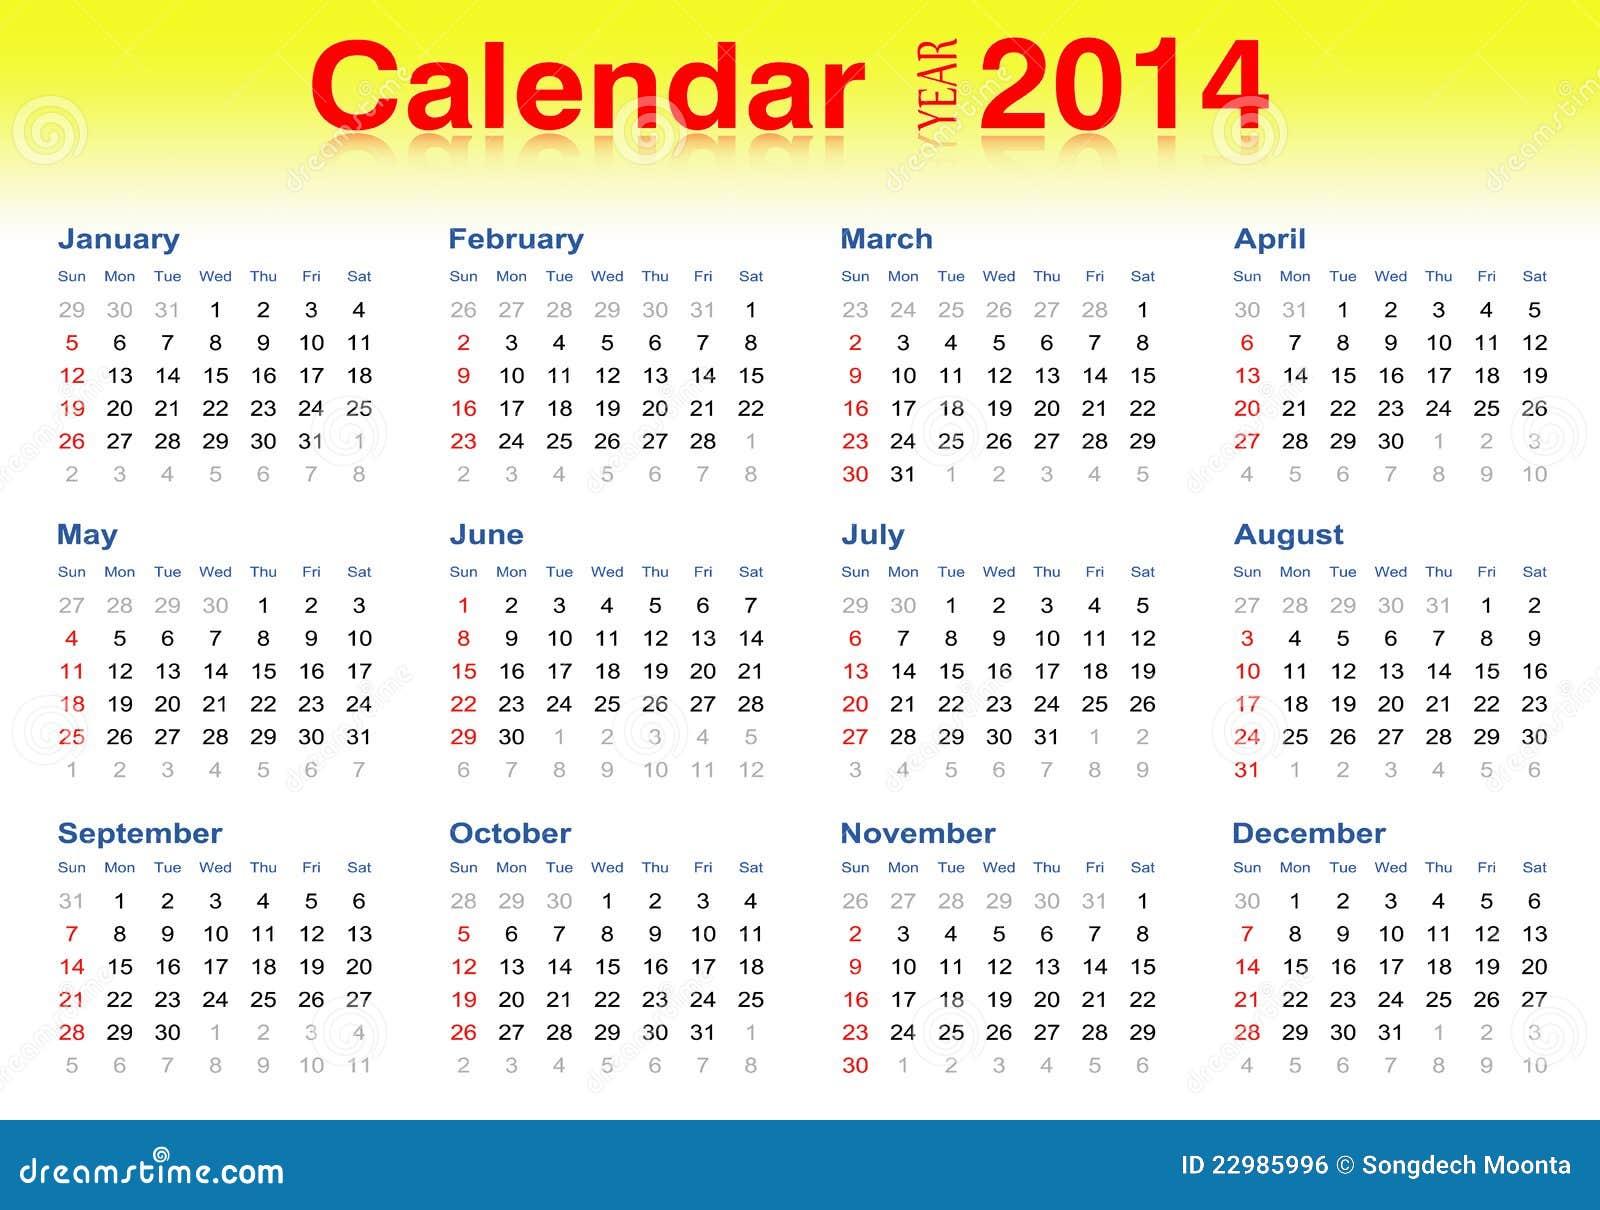 2014 Calendario, Ilustrador Del Vector Imagen de archivo libre de ...